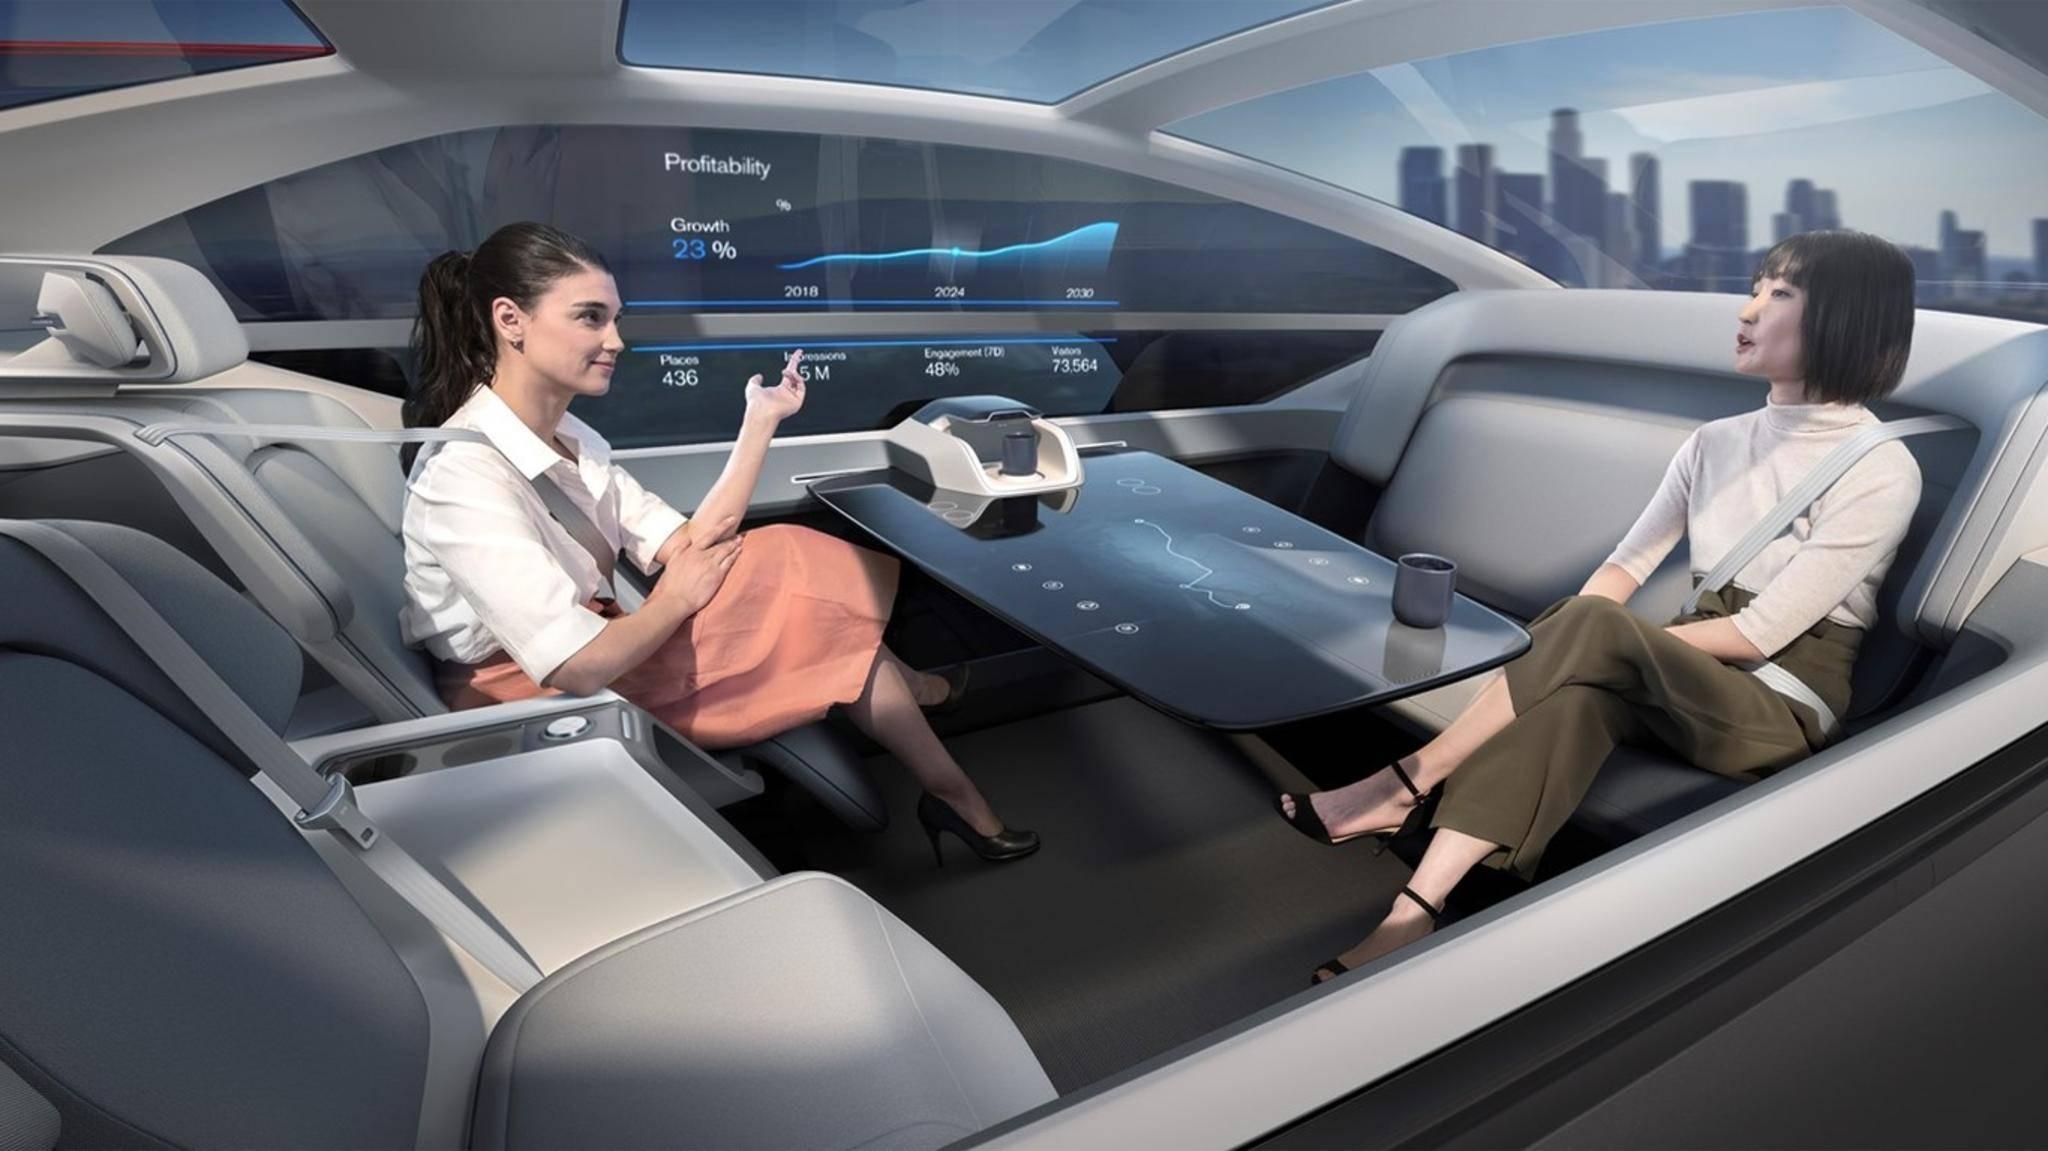 Volvos Auto Der Zukunft Braucht Keinen Fahrer